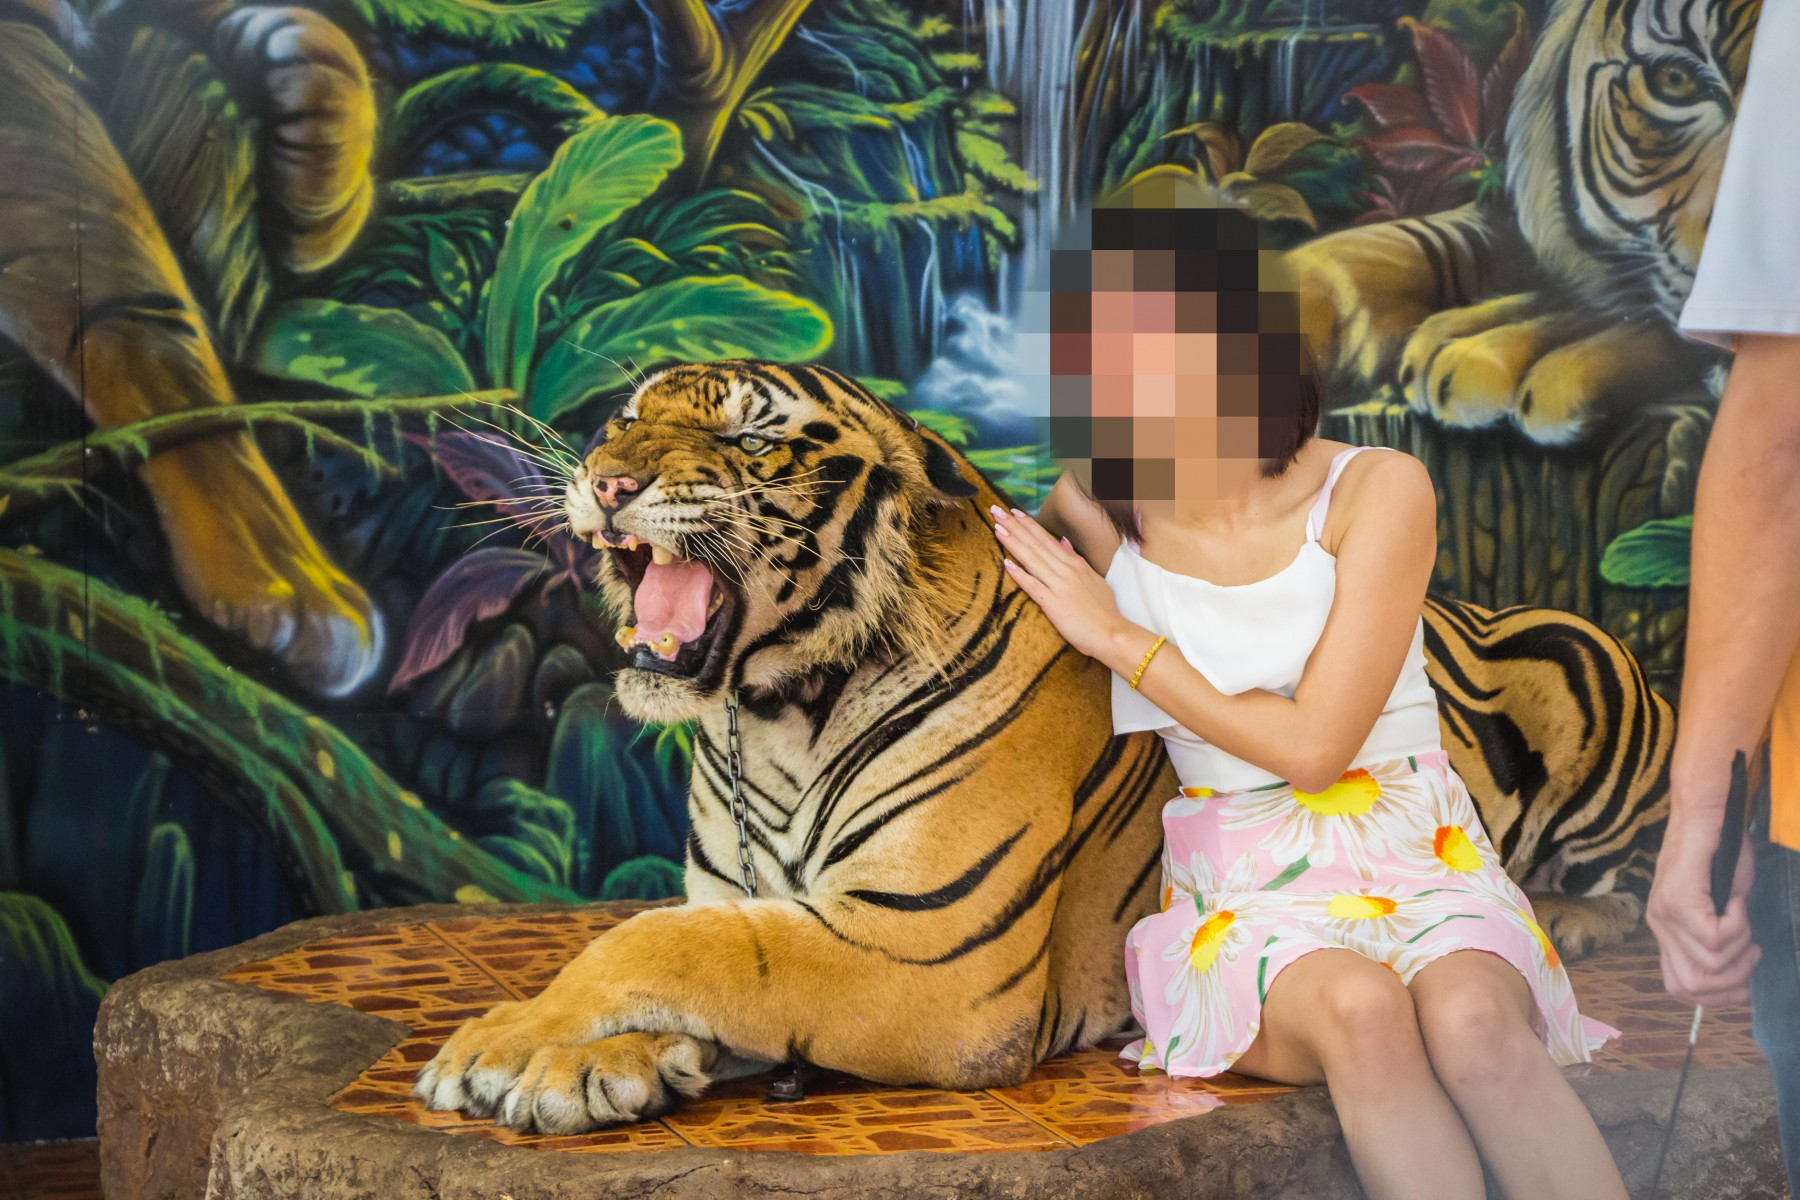 Tigerpark i Thailand, hvor turister kan f? taget billeder med tigrene